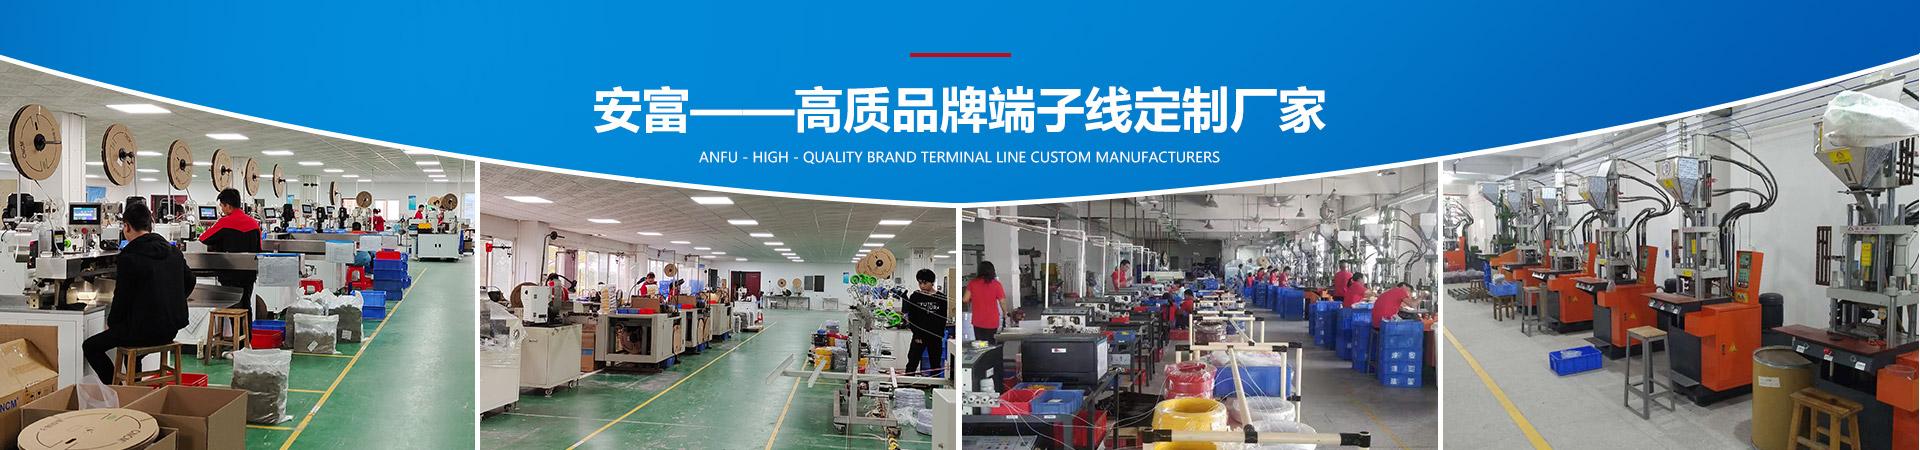 安富——高质品牌端子线定制厂家